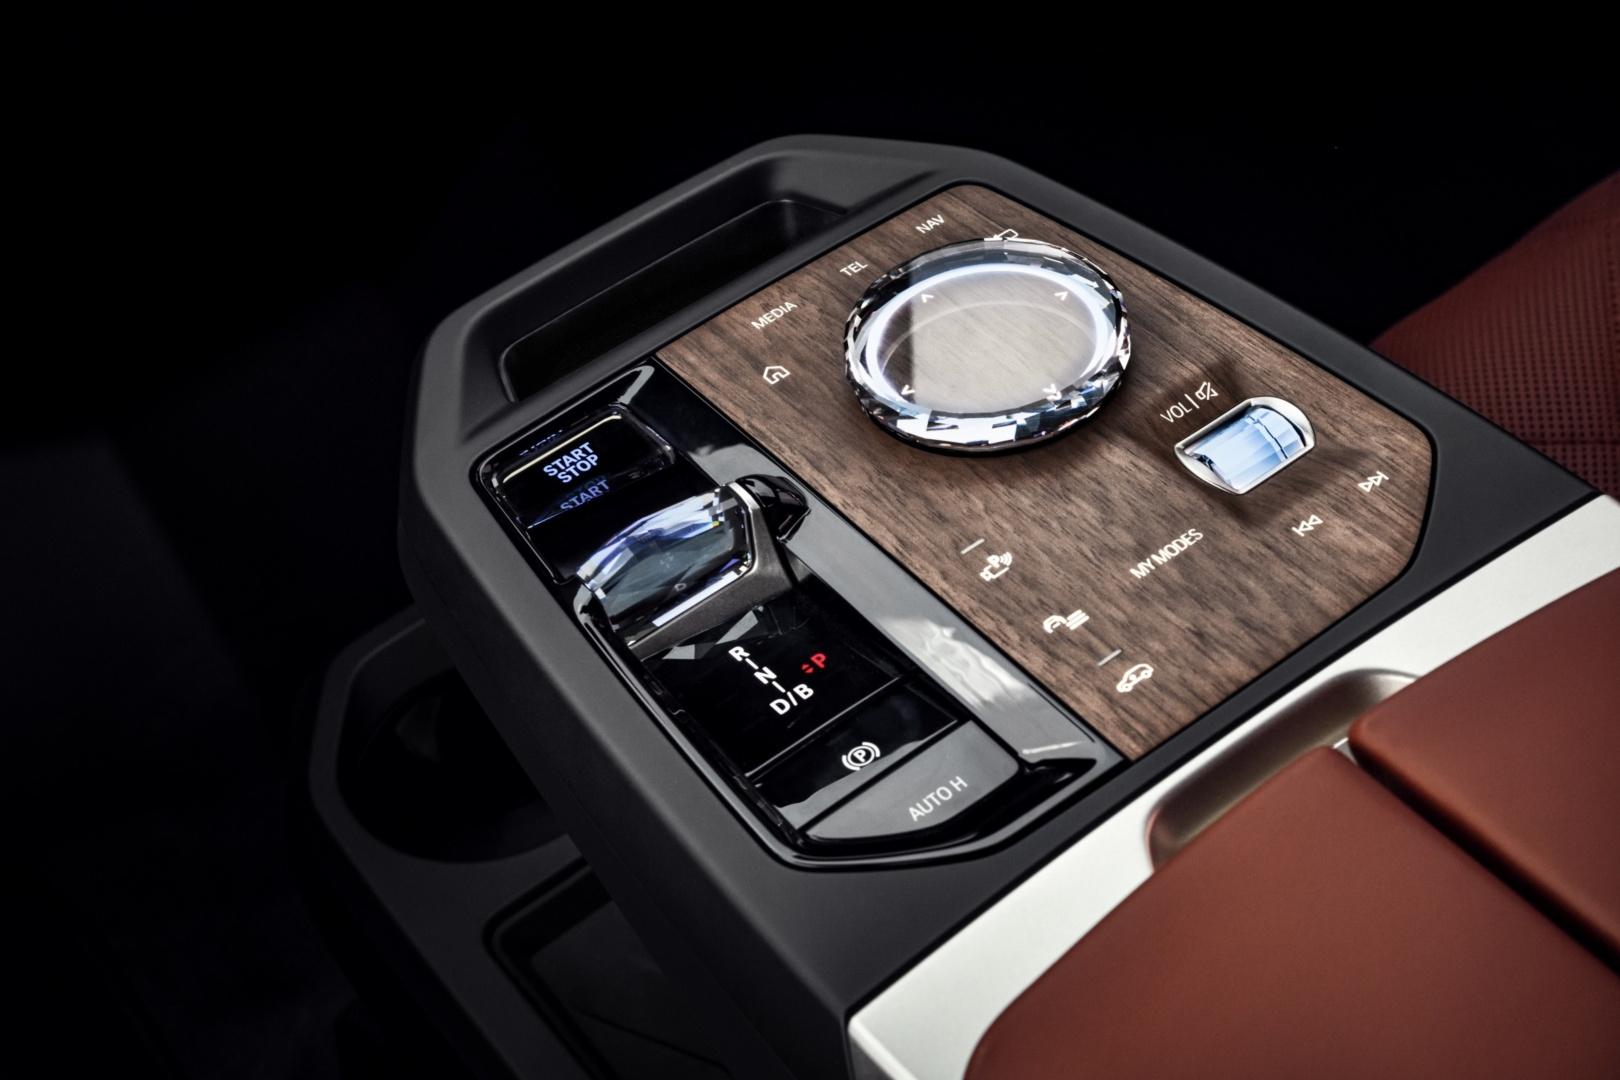 SMALL_[新聞照片七]全新排檔座設計、iDrive水晶觸控旋鈕操作介面搭配FSC森林管理委員會認證木材所製成的Shy-Tech隱形科技控制面板